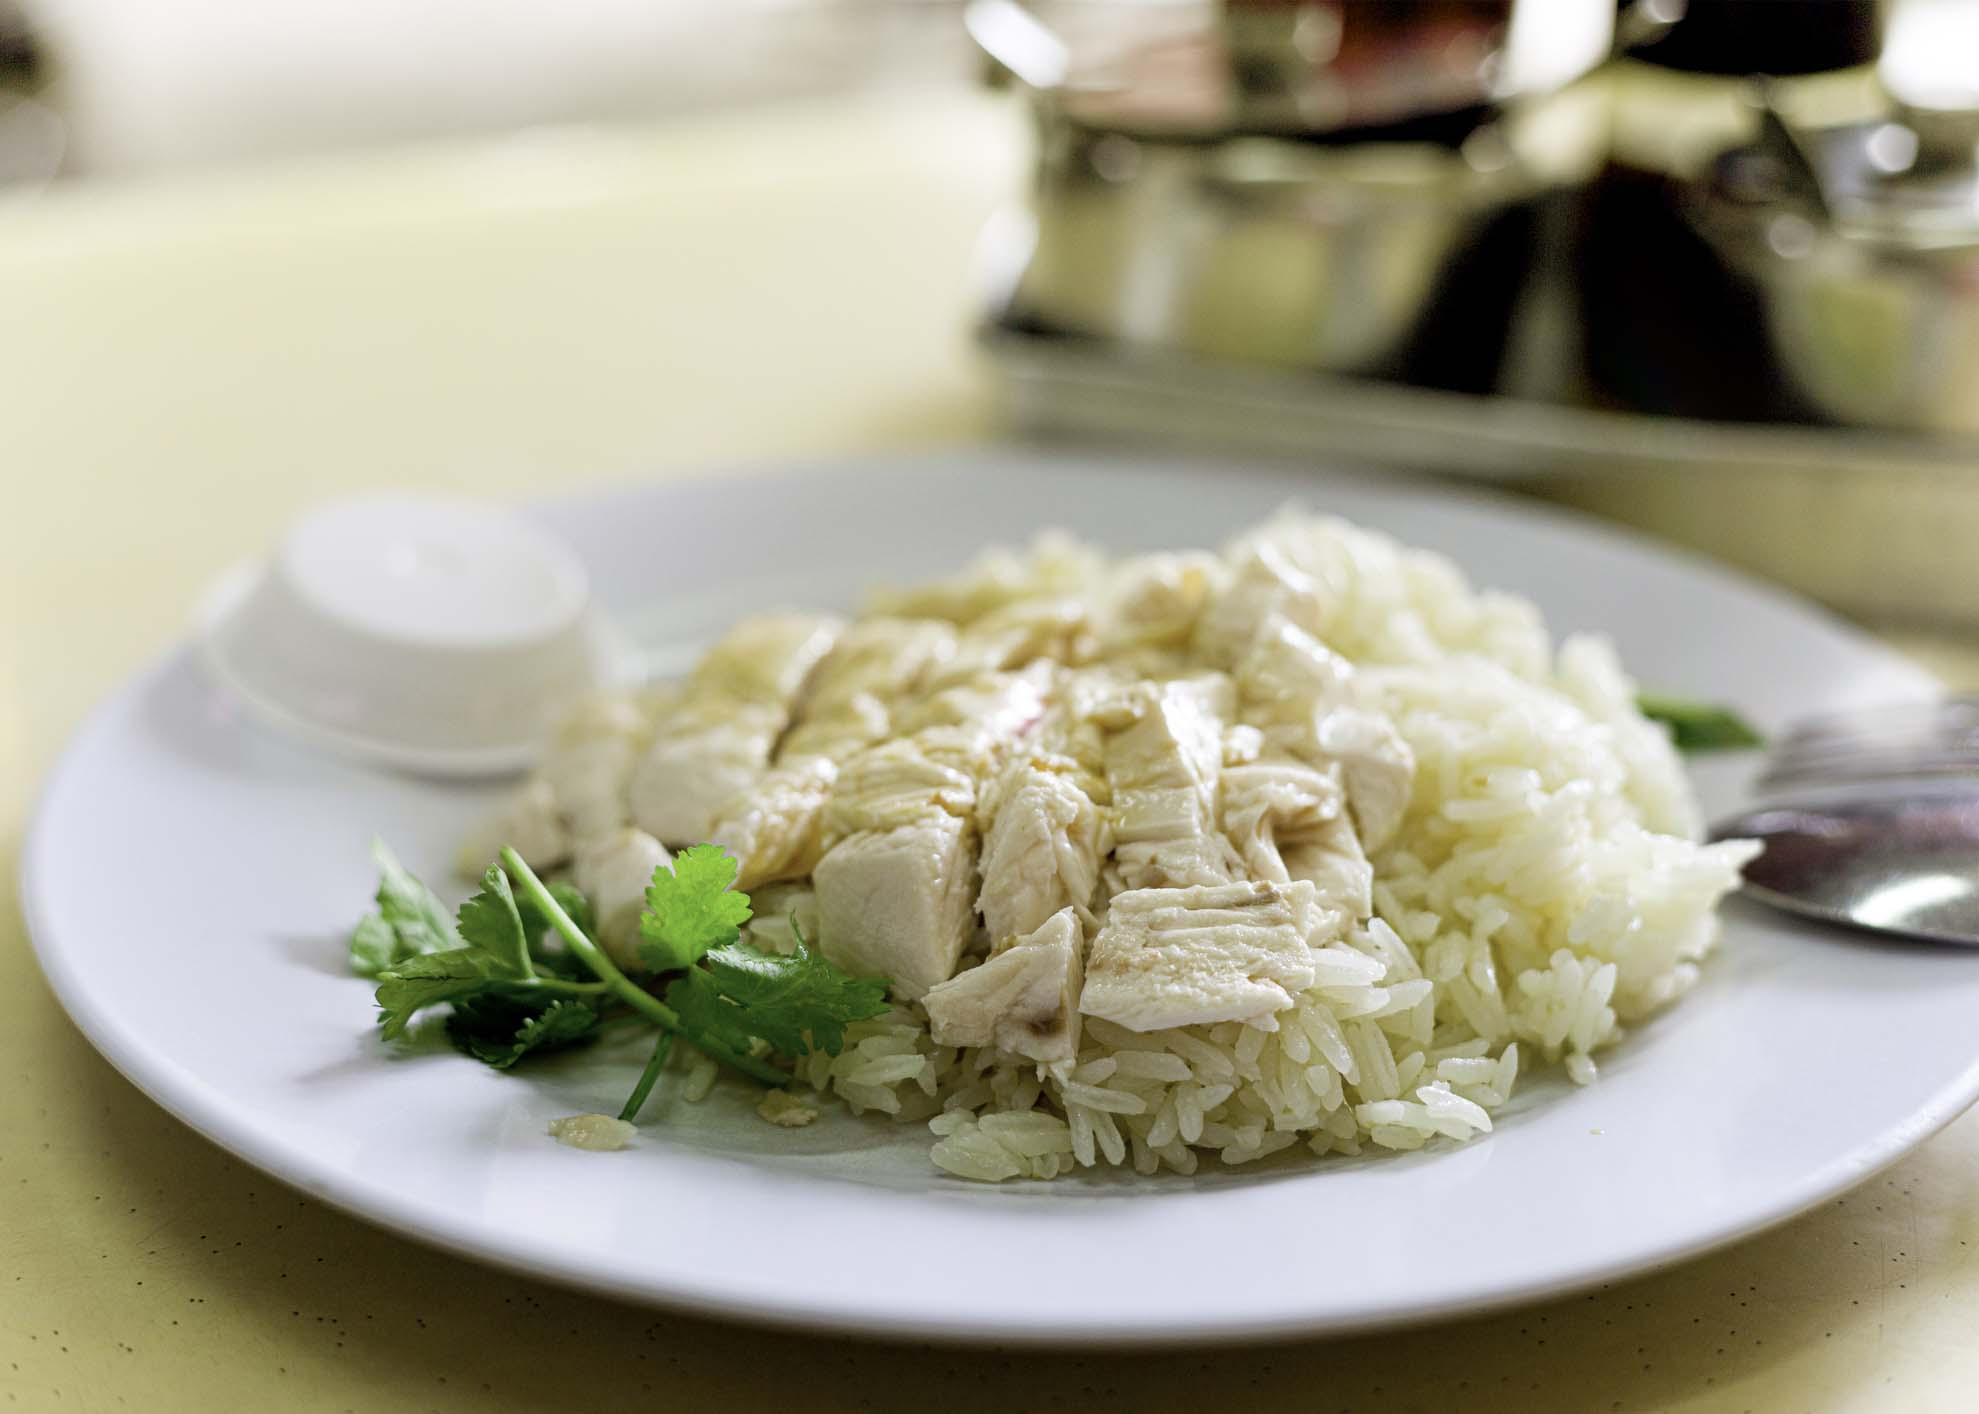 arroz com frango